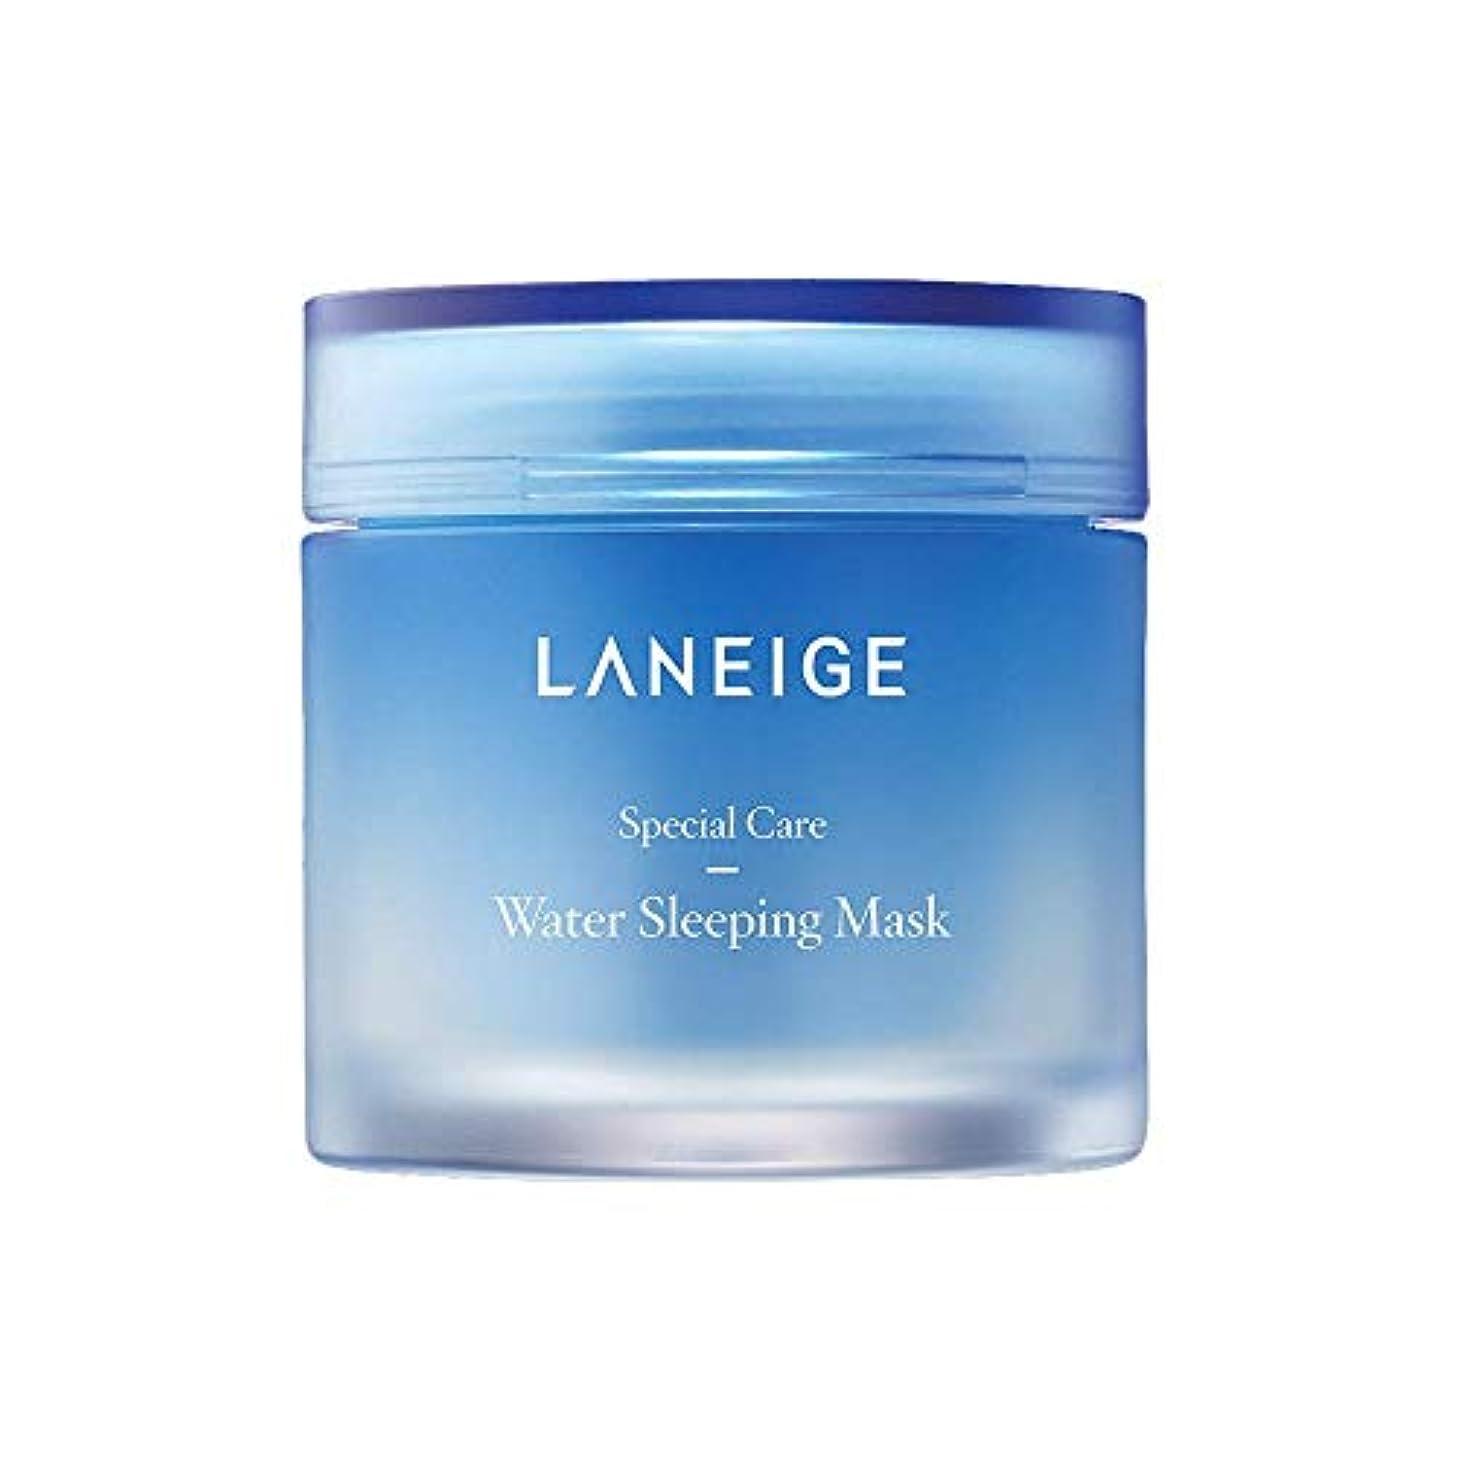 ダンプ器官中古Water Sleeping Mask 70ml/ウォーター スリーピング マスク 70ml [50個限定!人気商品のサンプルプレゼント!]